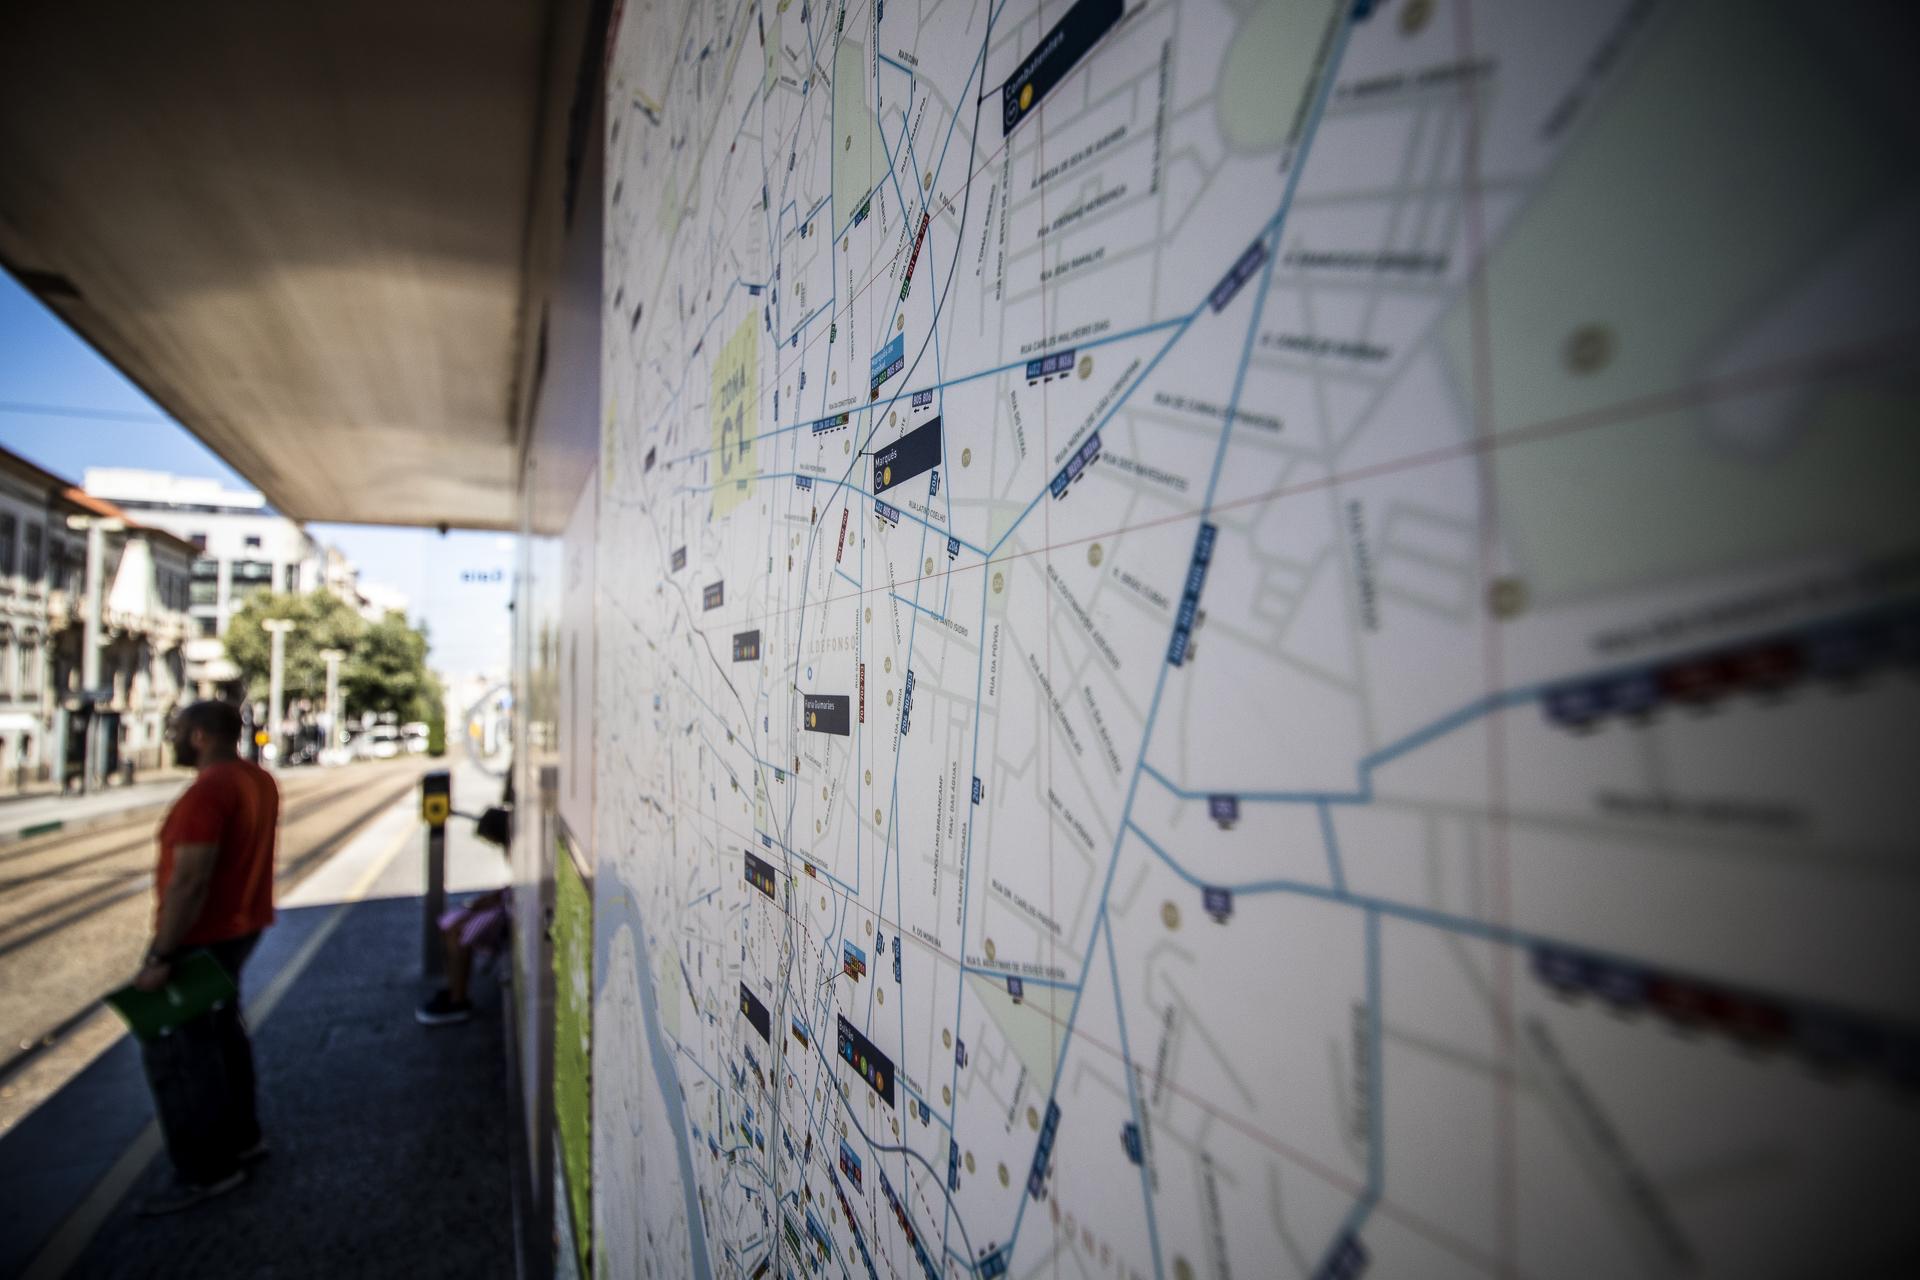 Passe único de 30 euros alargado a mais de um concelho no Grande Porto